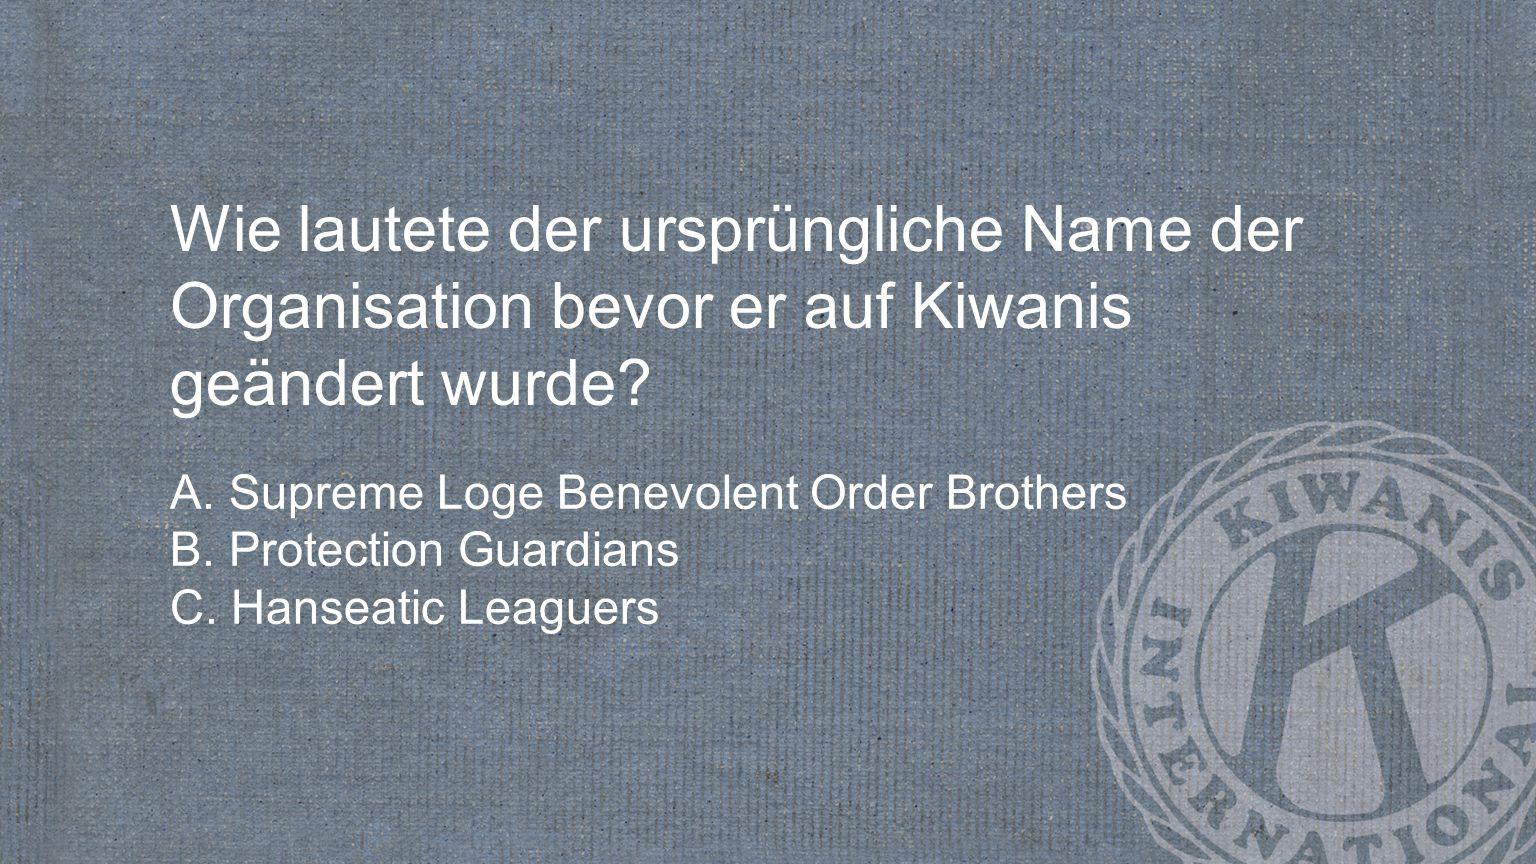 Wie lautete der ursprüngliche Name der Organisation bevor er auf Kiwanis geändert wurde? A. Supreme Loge Benevolent Order Brothers B. Protection Guard